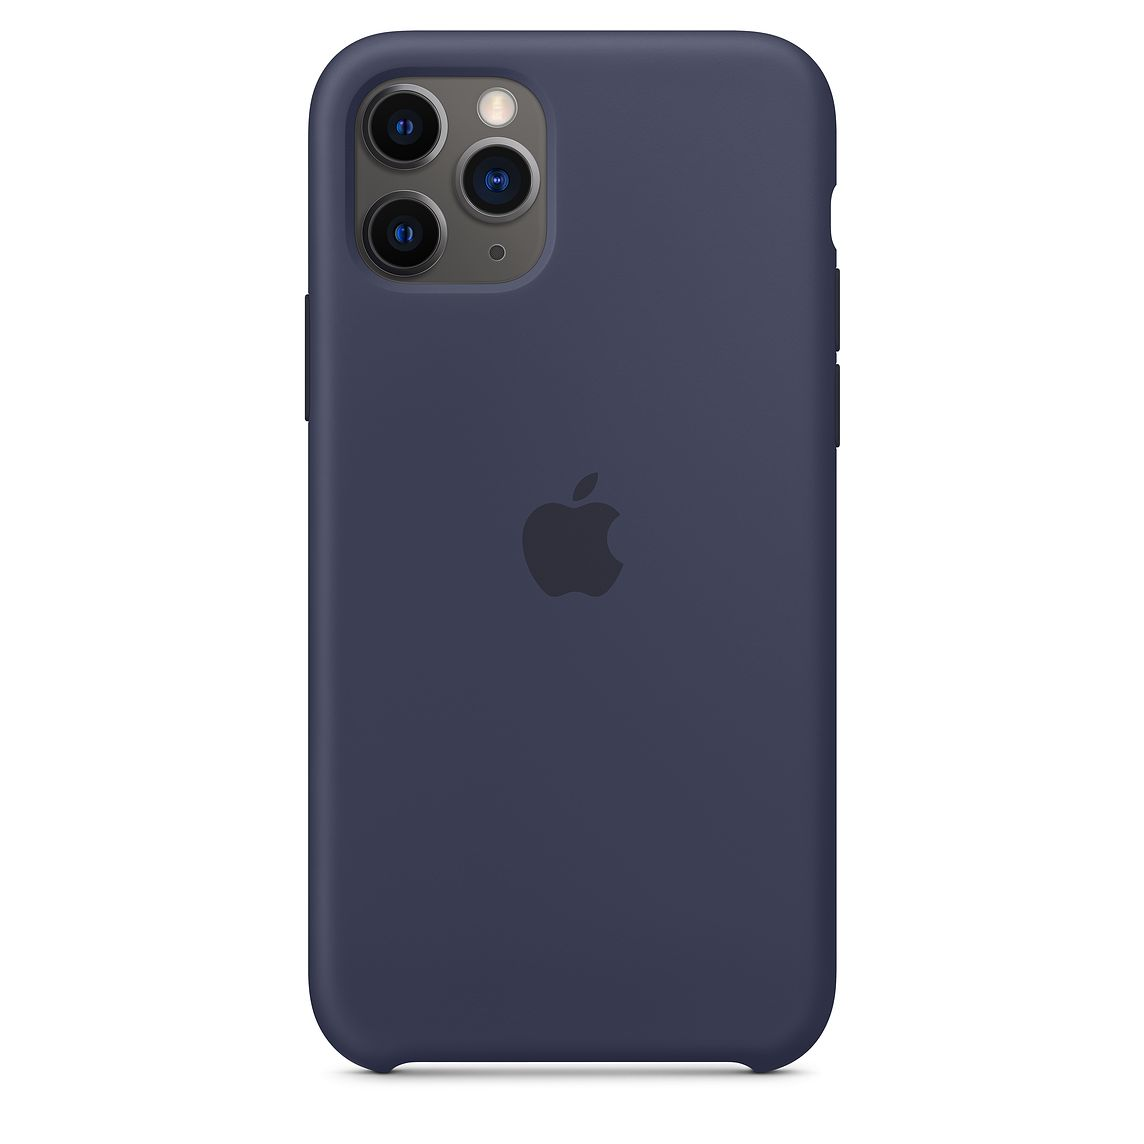 iPhone 11 Pro gyári szilikon tok éjkék színben